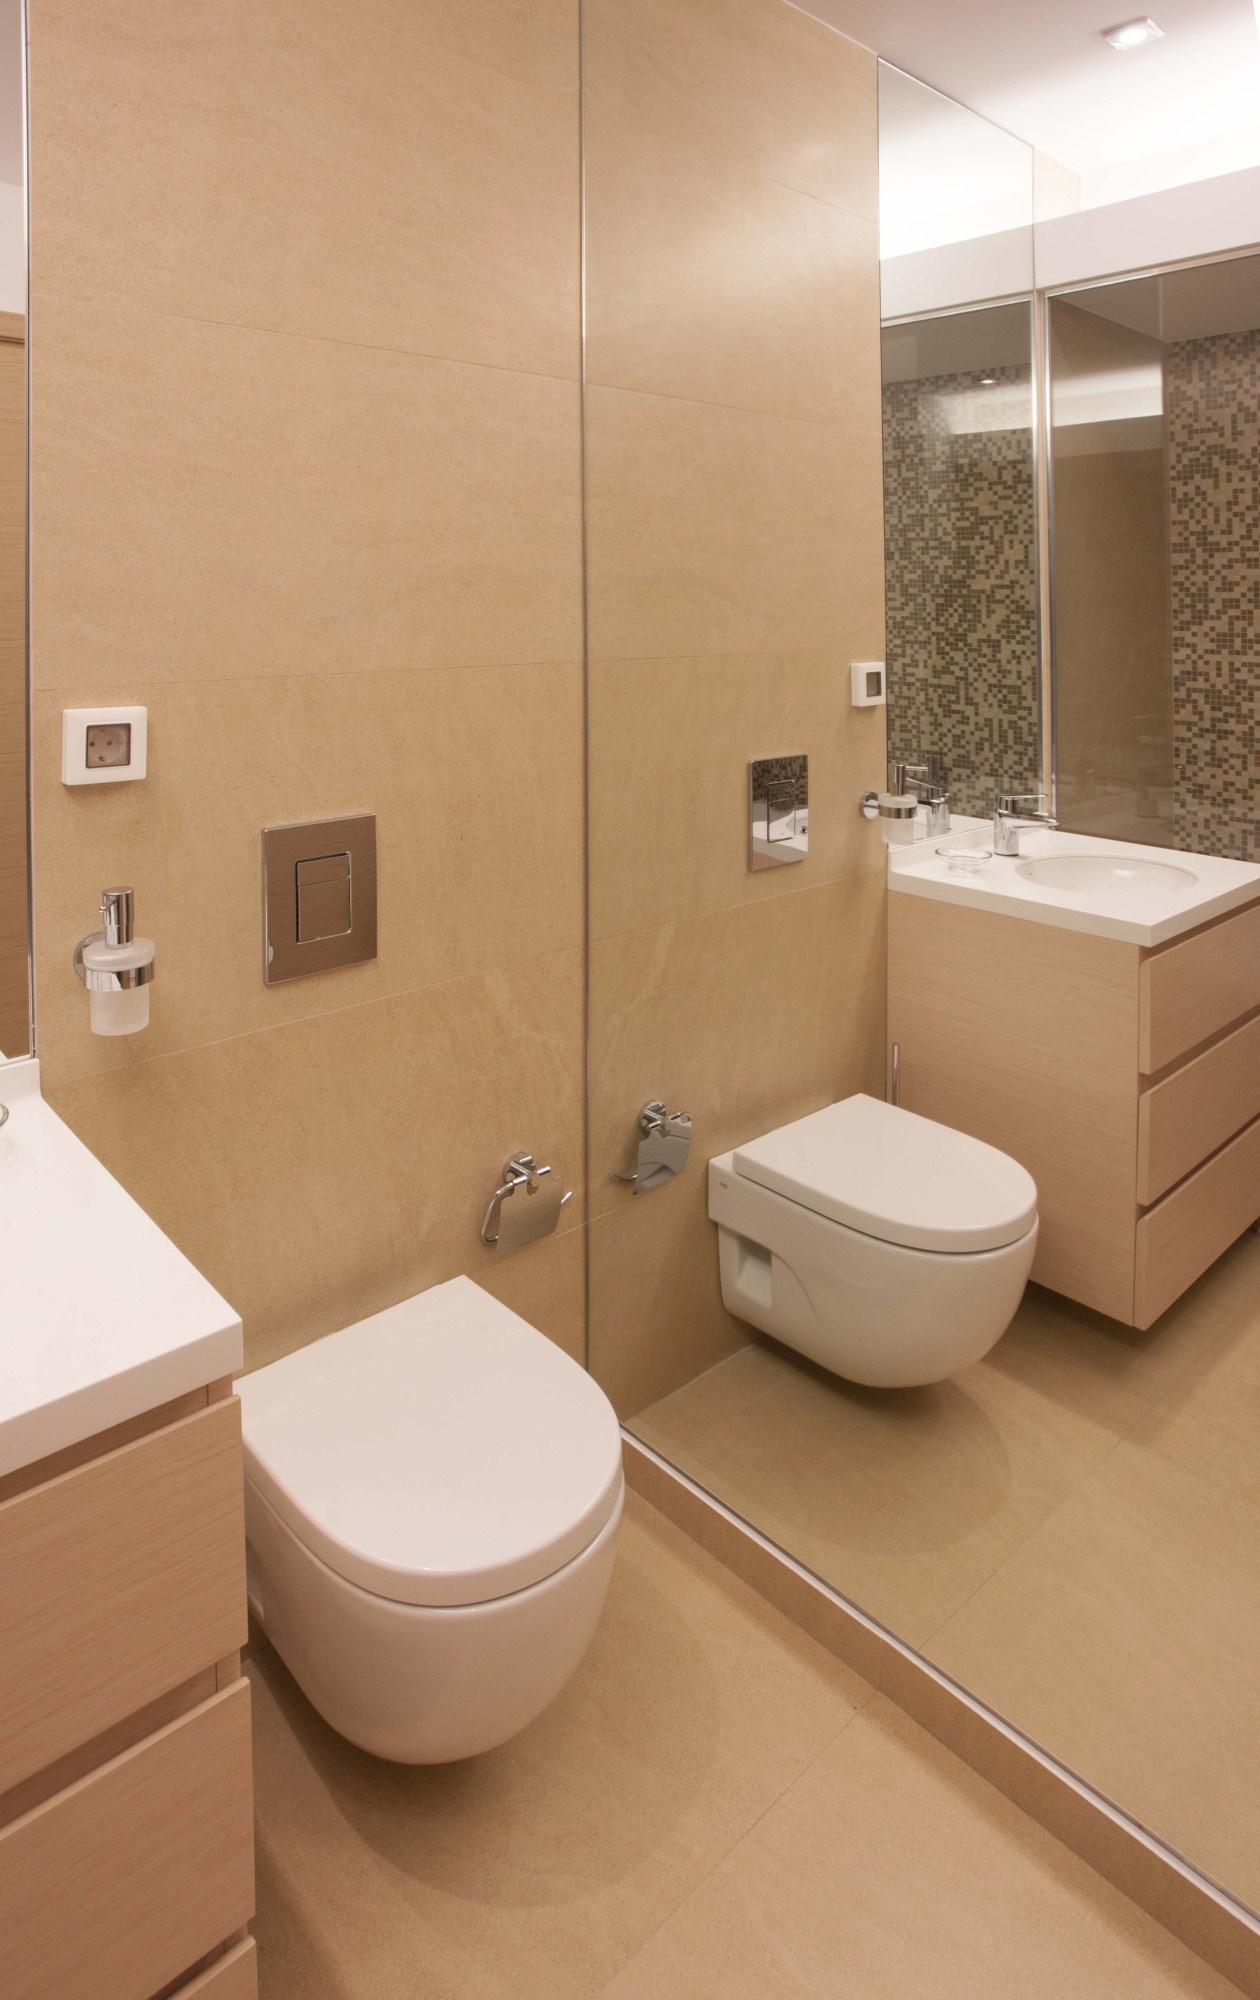 https://nbc-arhitect.ro/wp-content/uploads/2020/10/NBC-Arhitect-_-Petofi-Sandor-_-Housing-_-interior-design_bathroom_3.jpg